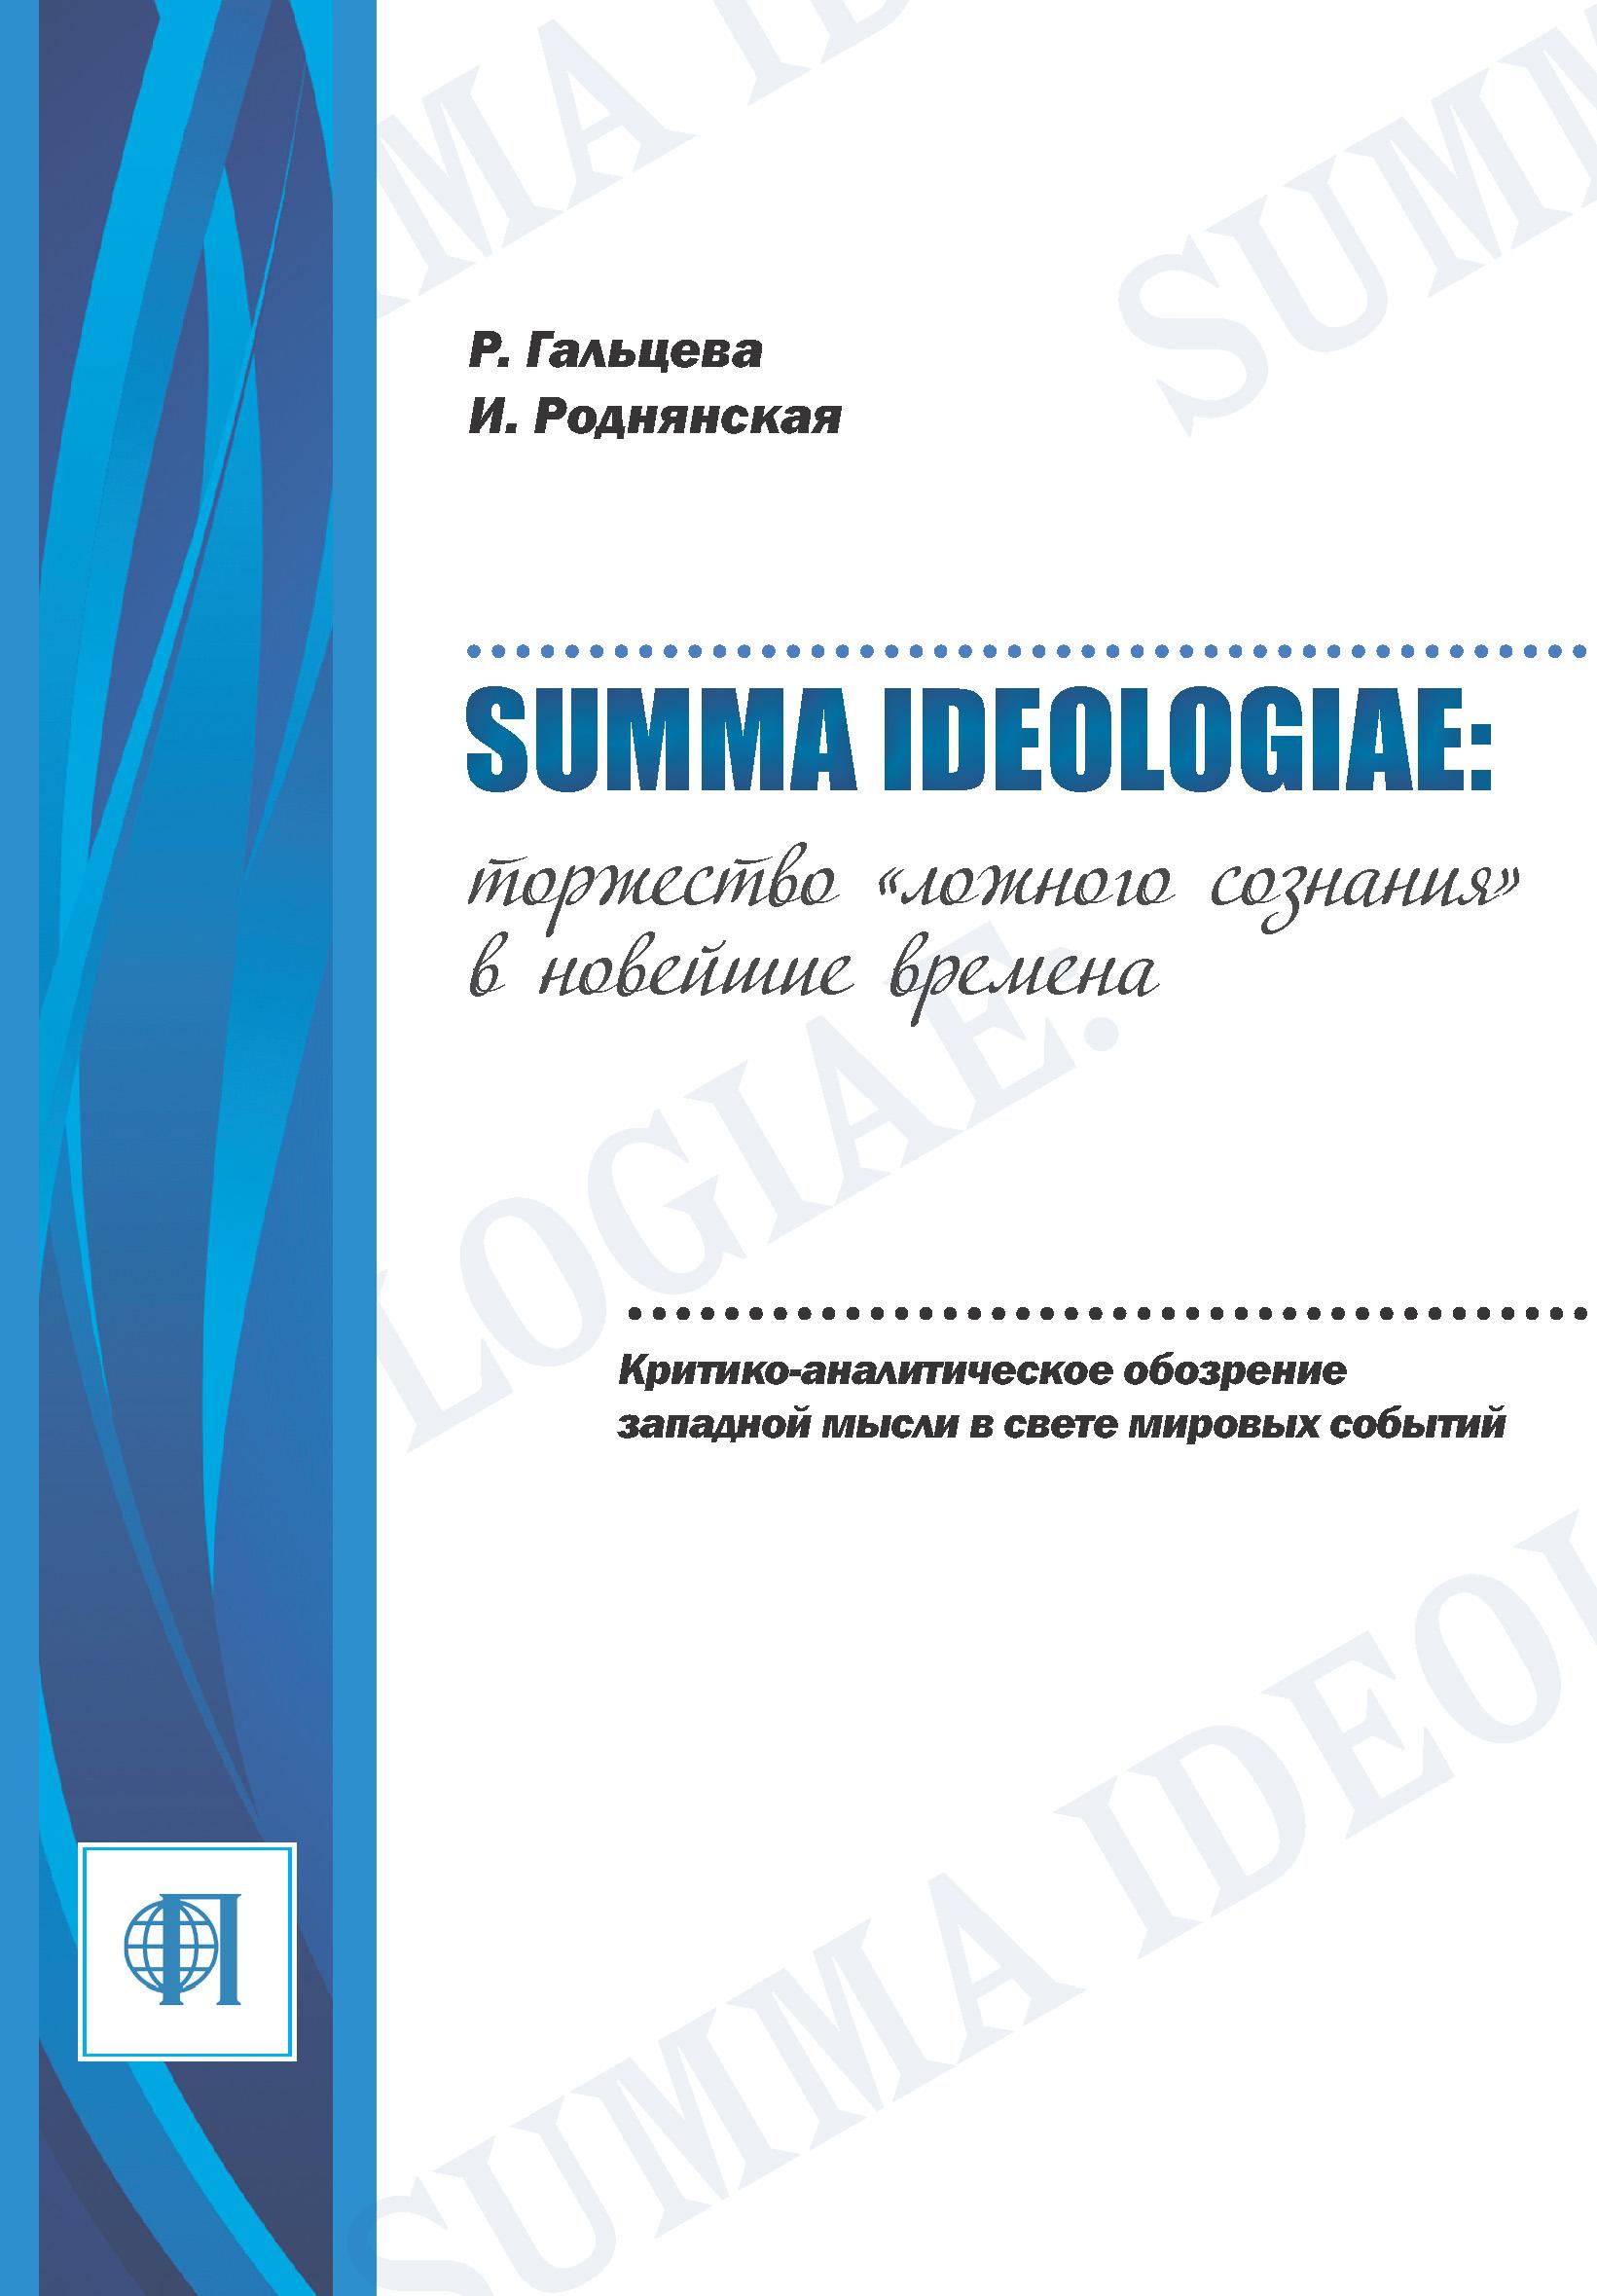 Summa ideologiae: Торжество «ложного сознания» в новейшие времена. Критико-аналитическое обозрение западной мысли в свете мировых событий